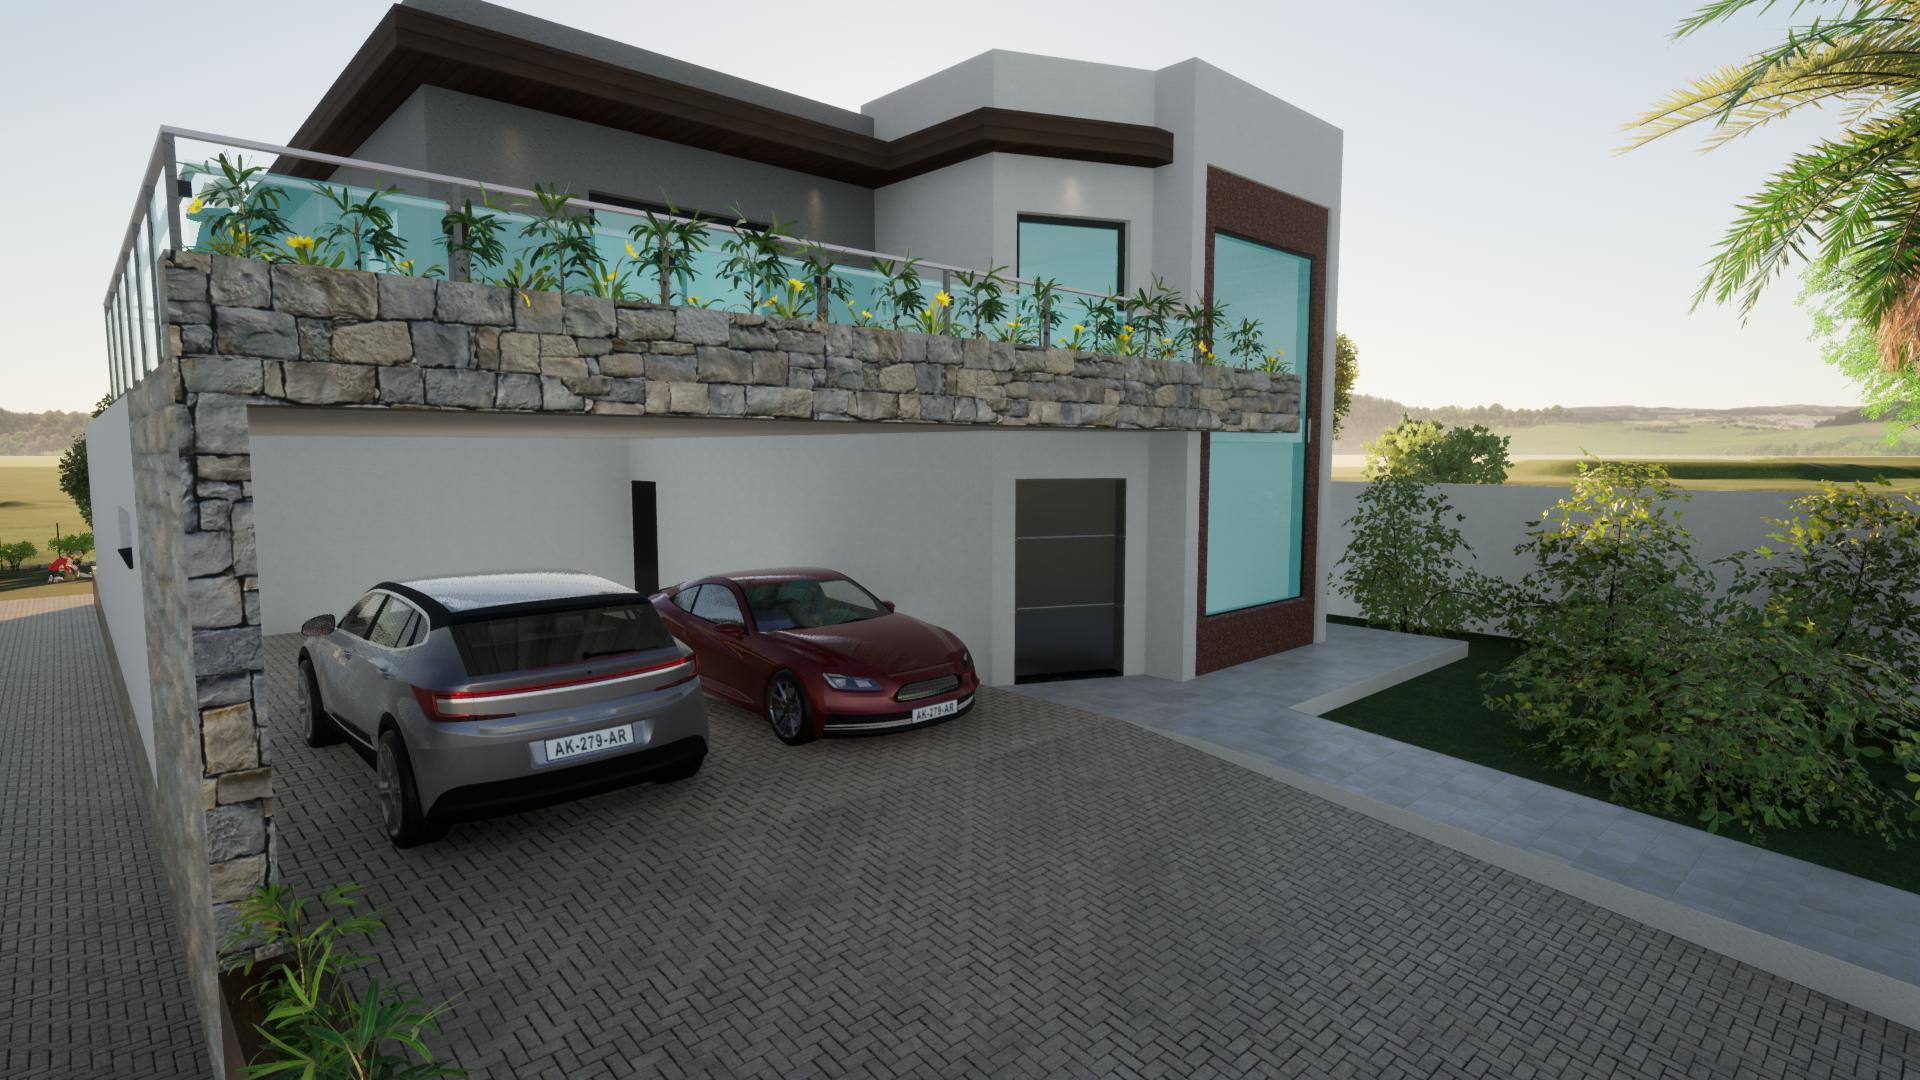 Projeto_Casas_do_Ribeiro_GrupoPsantos (6)